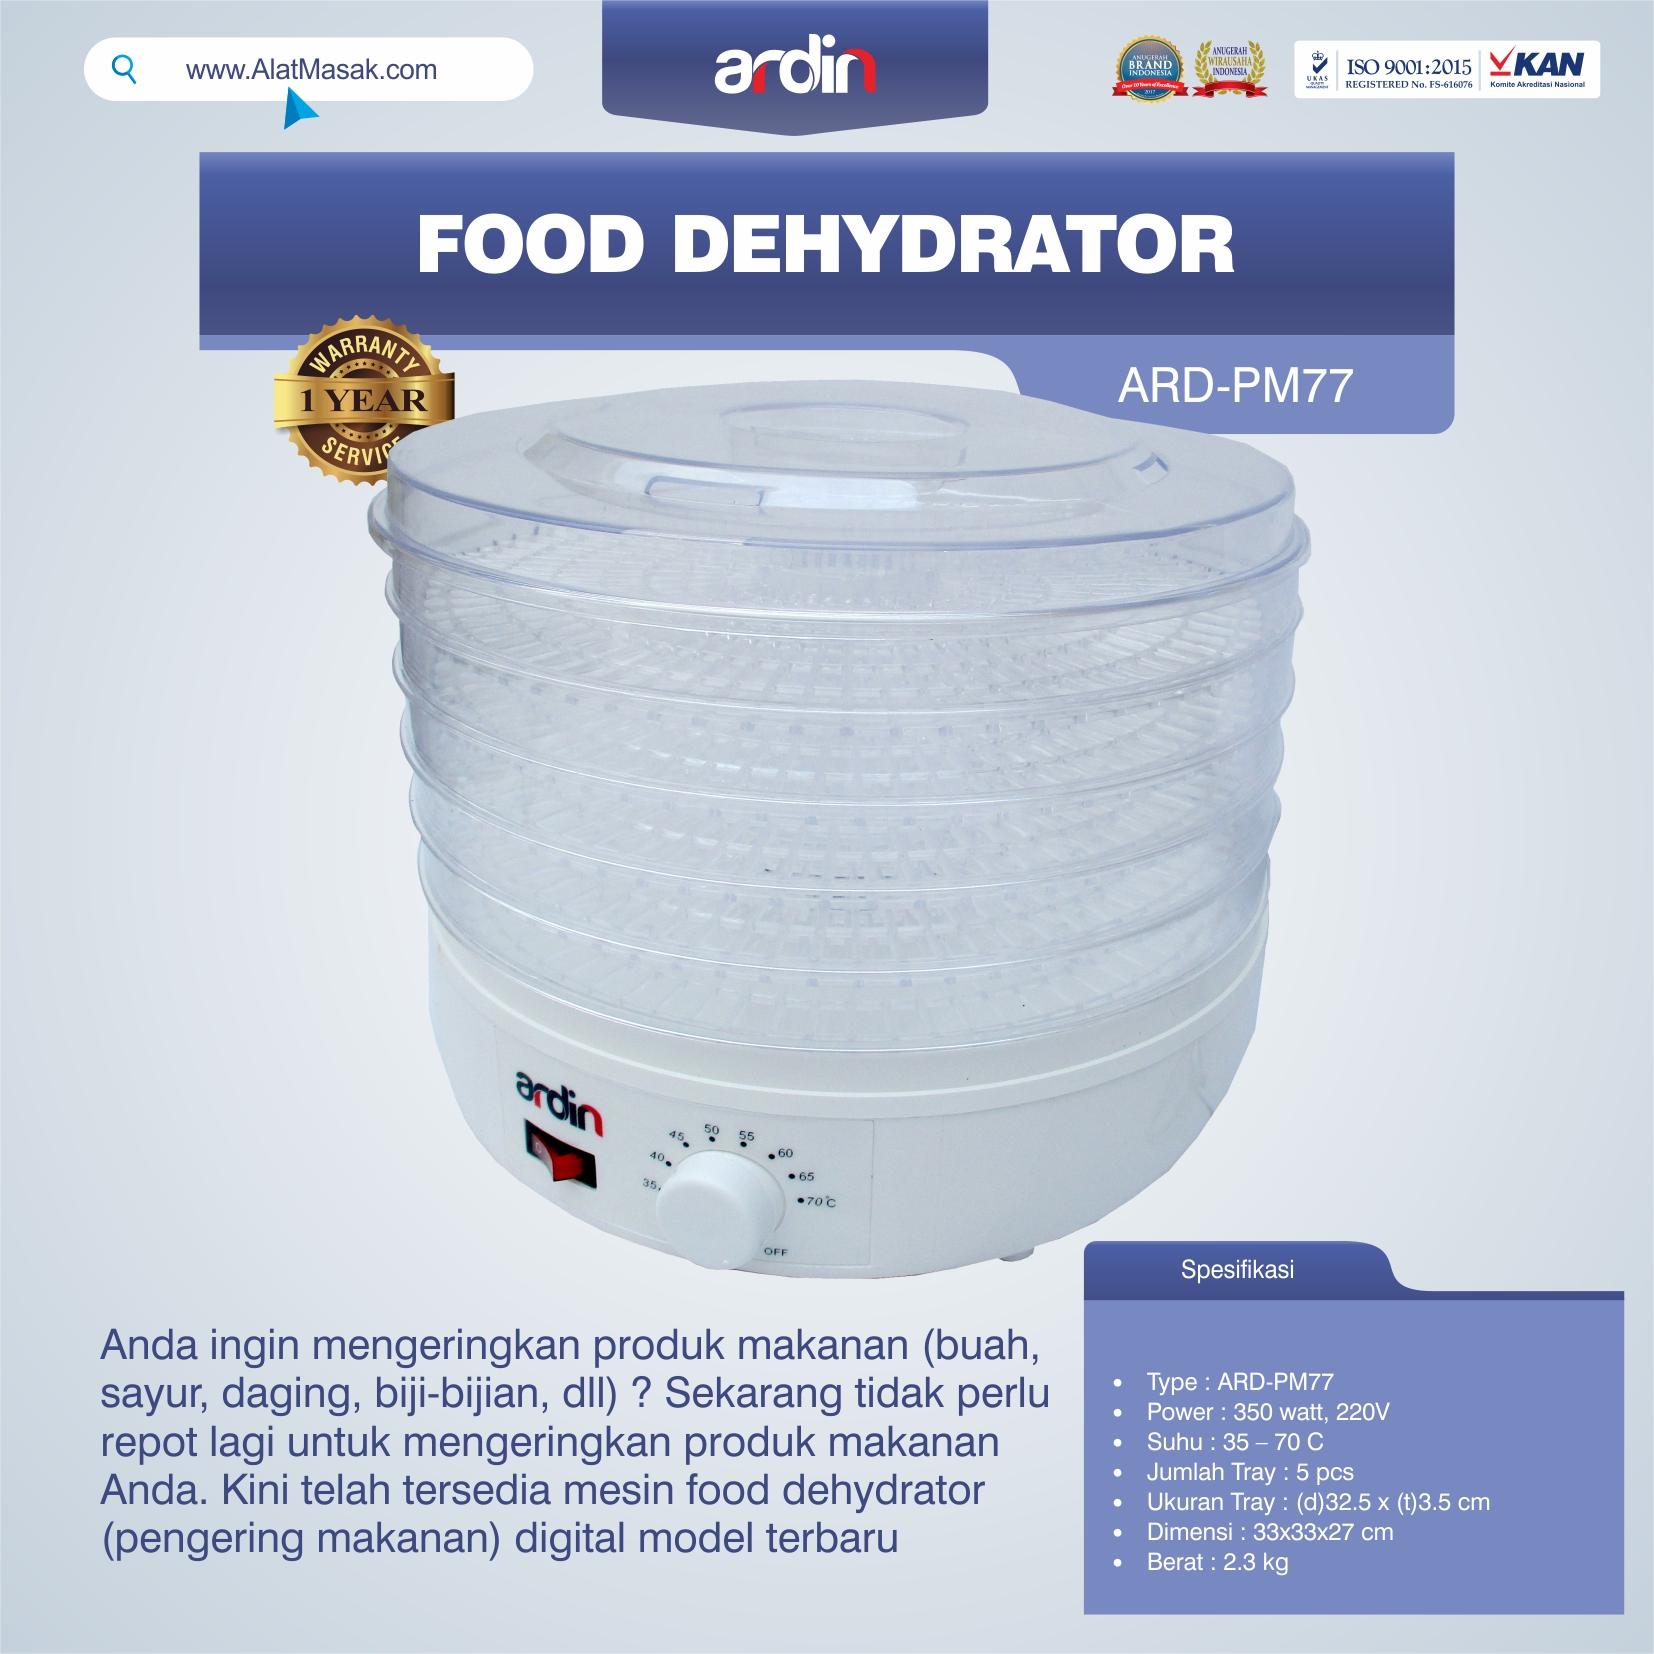 Jual Food Dehydrator ARD-PM77 di Semarang